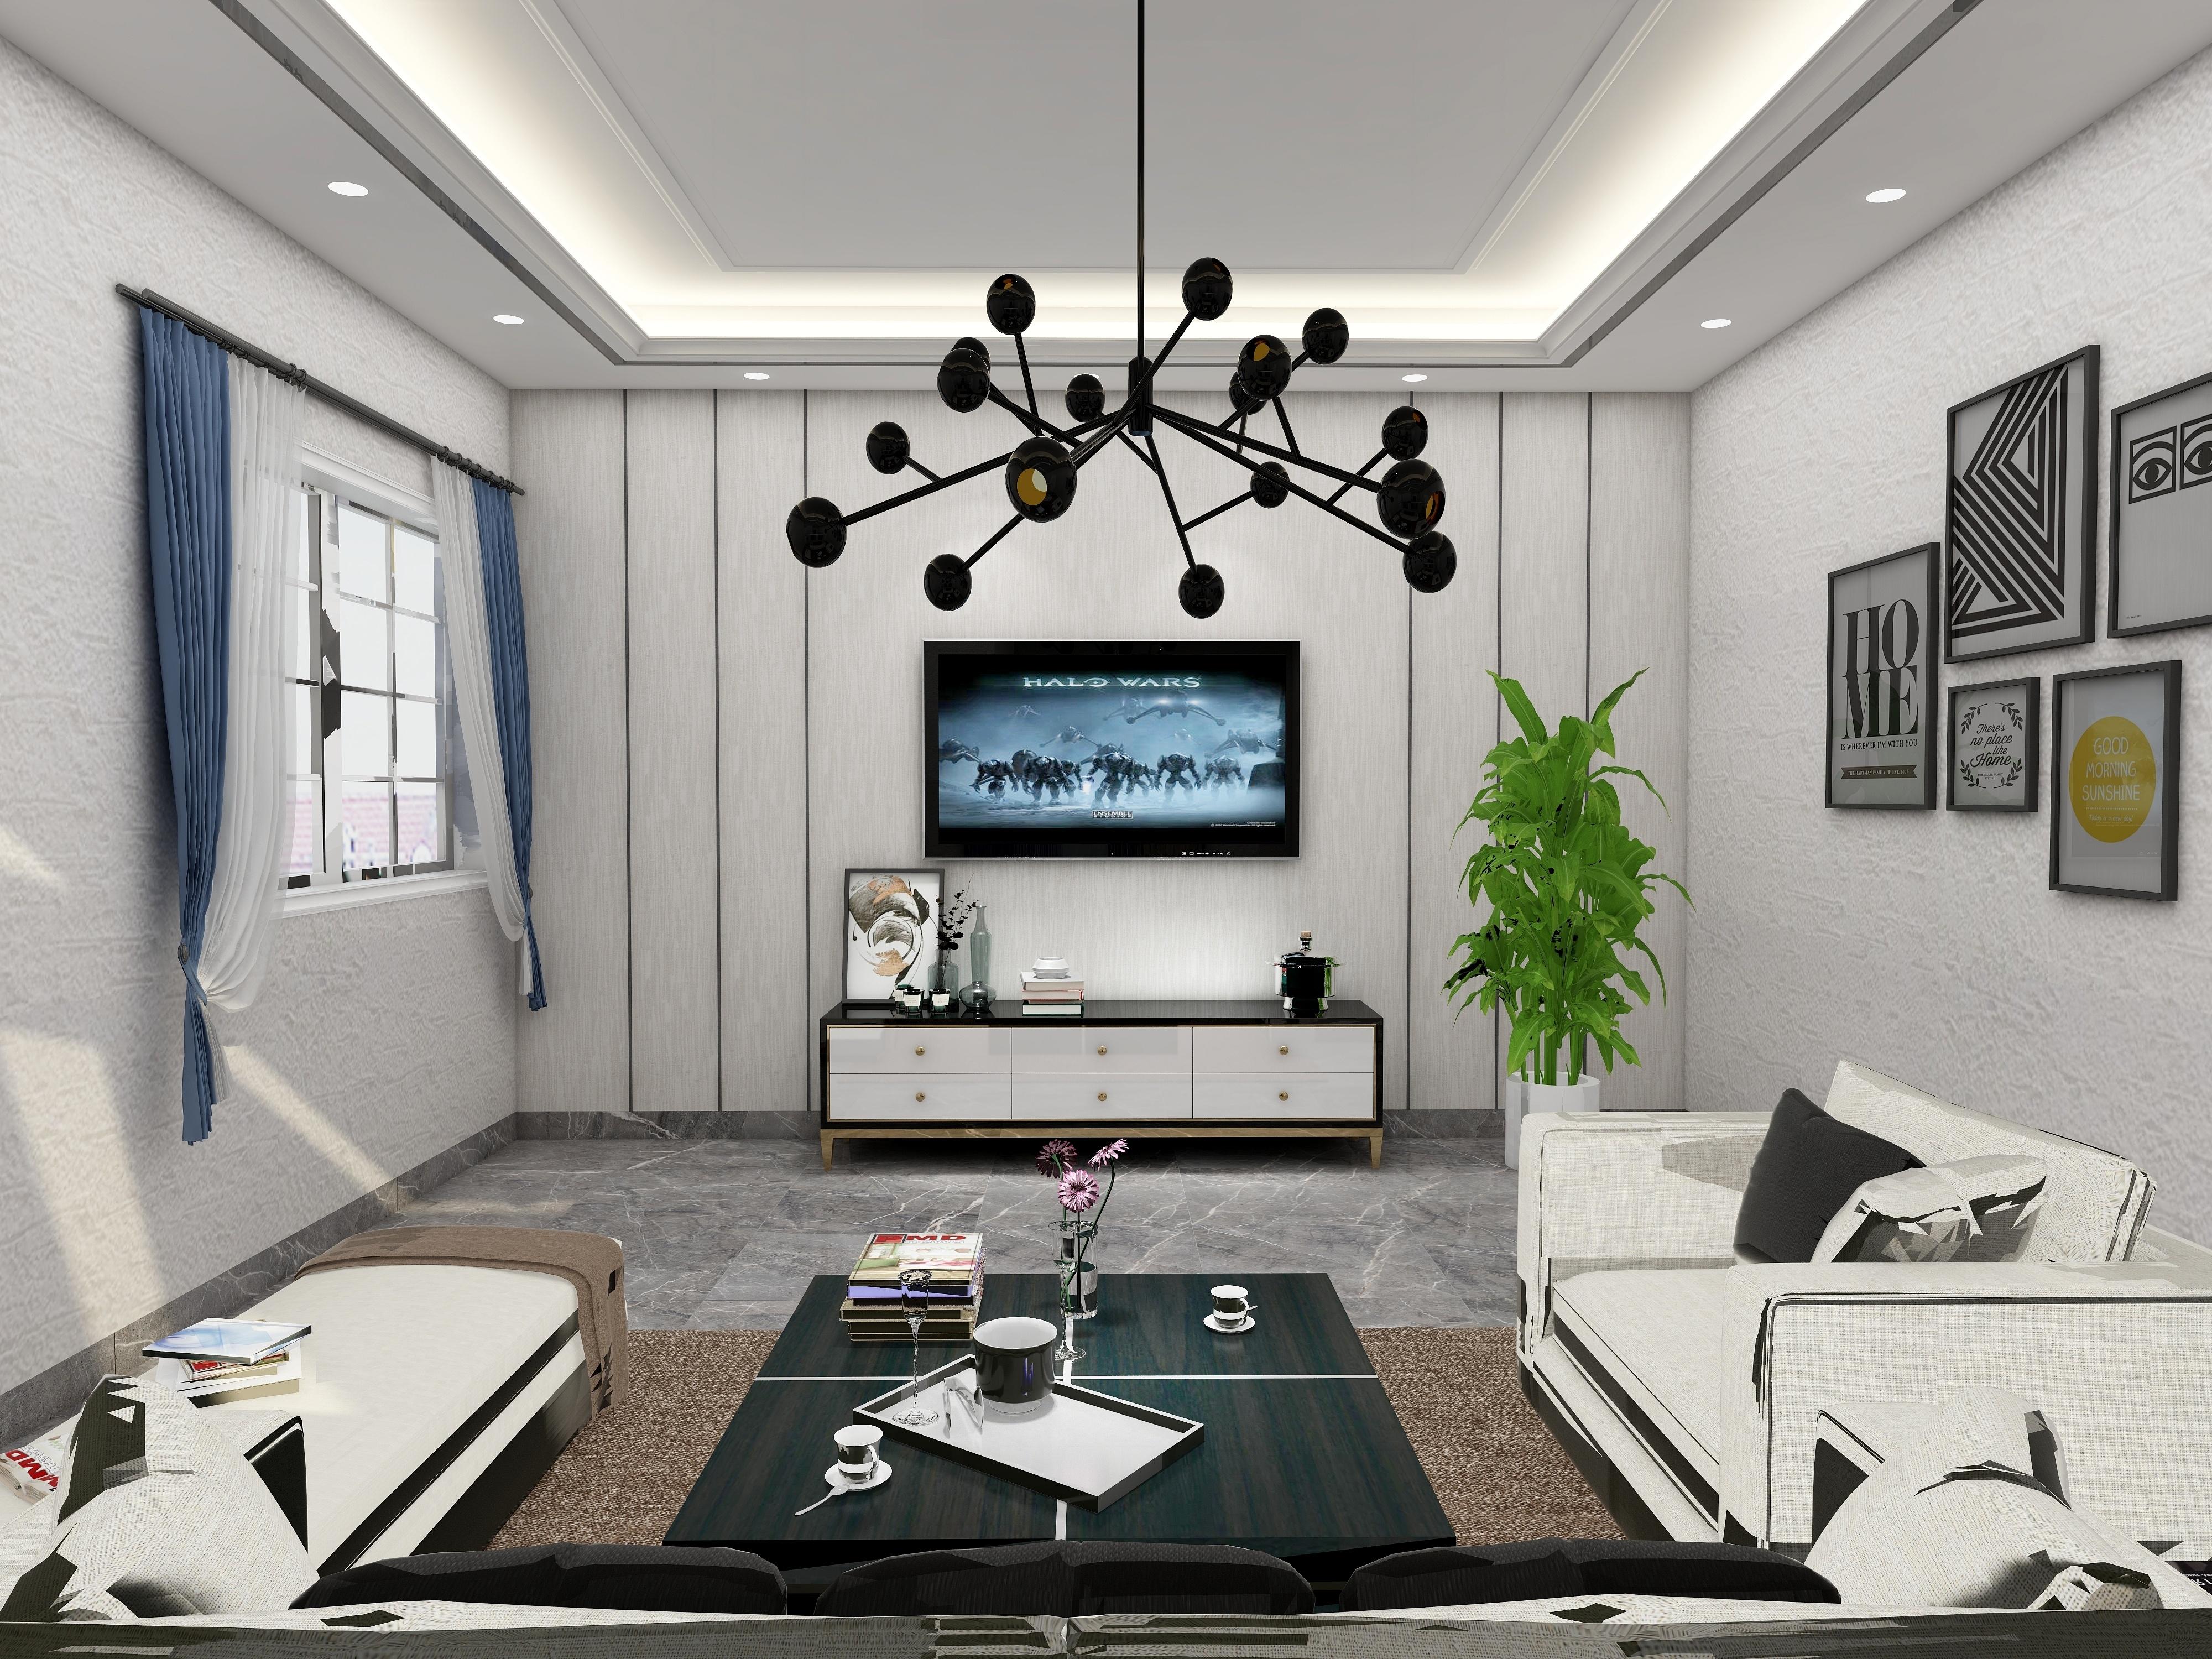 黄委会家属院C7单元3室2厅1卫1厨现代简约风格-设计师:黄红妮